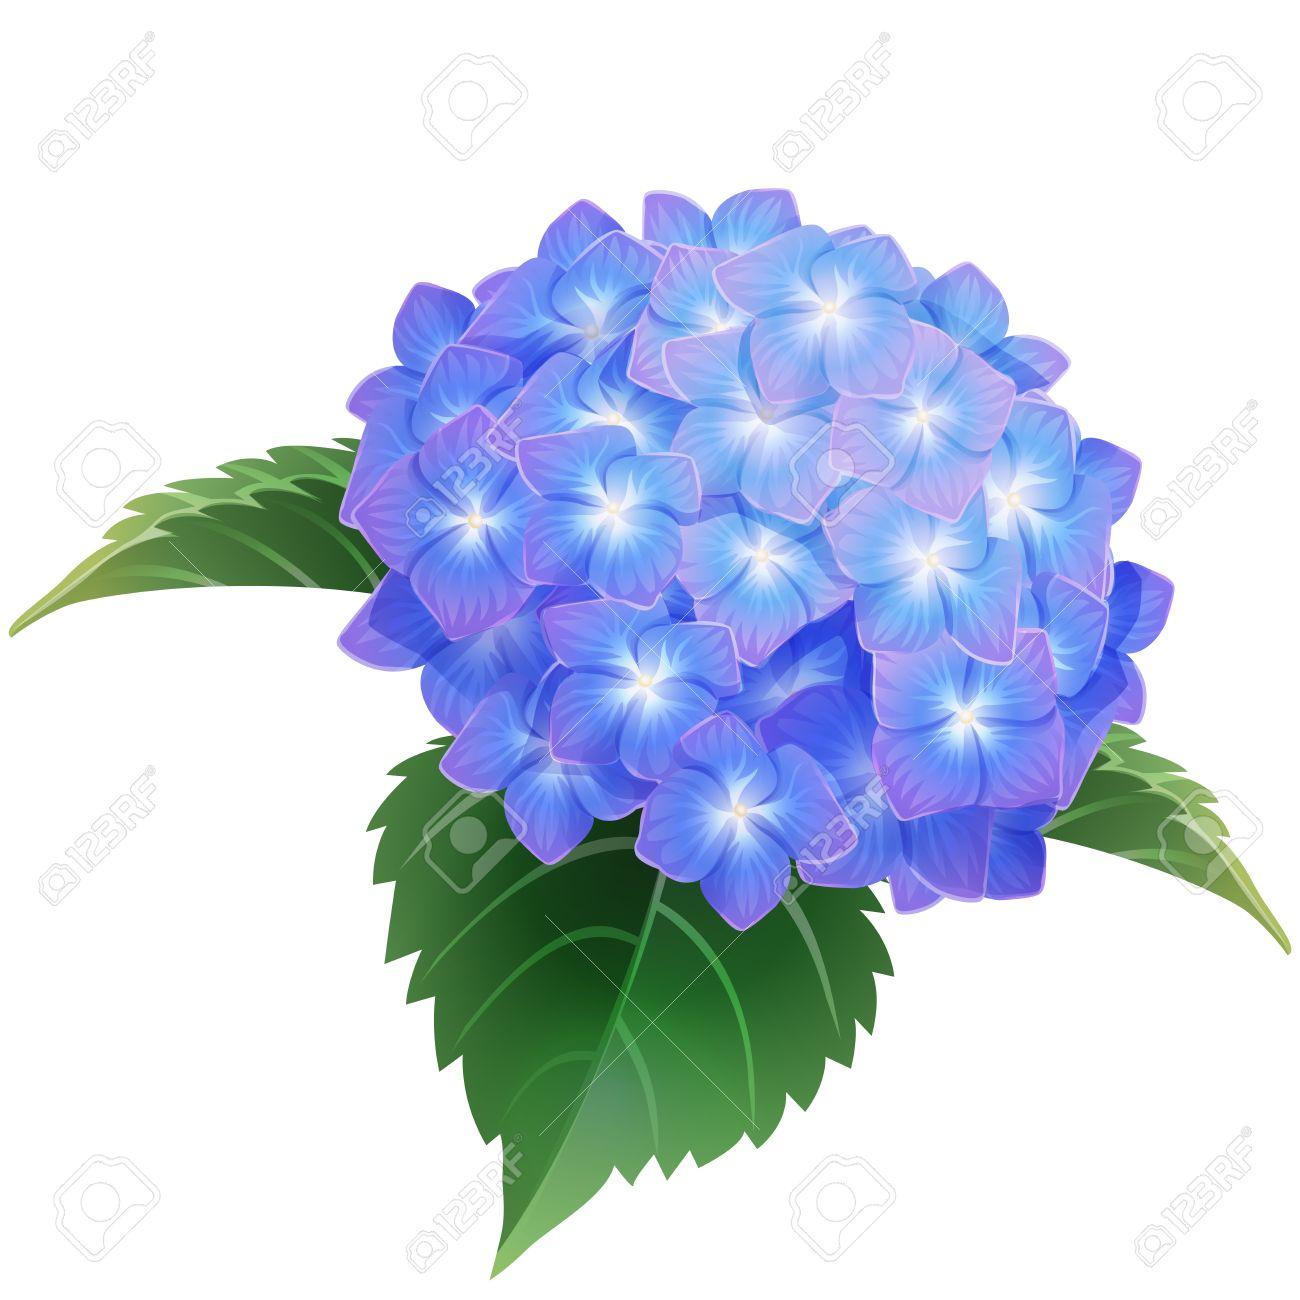 ブルー紫陽花あじさいの花イラストのイラスト素材ベクタ Image 60067827